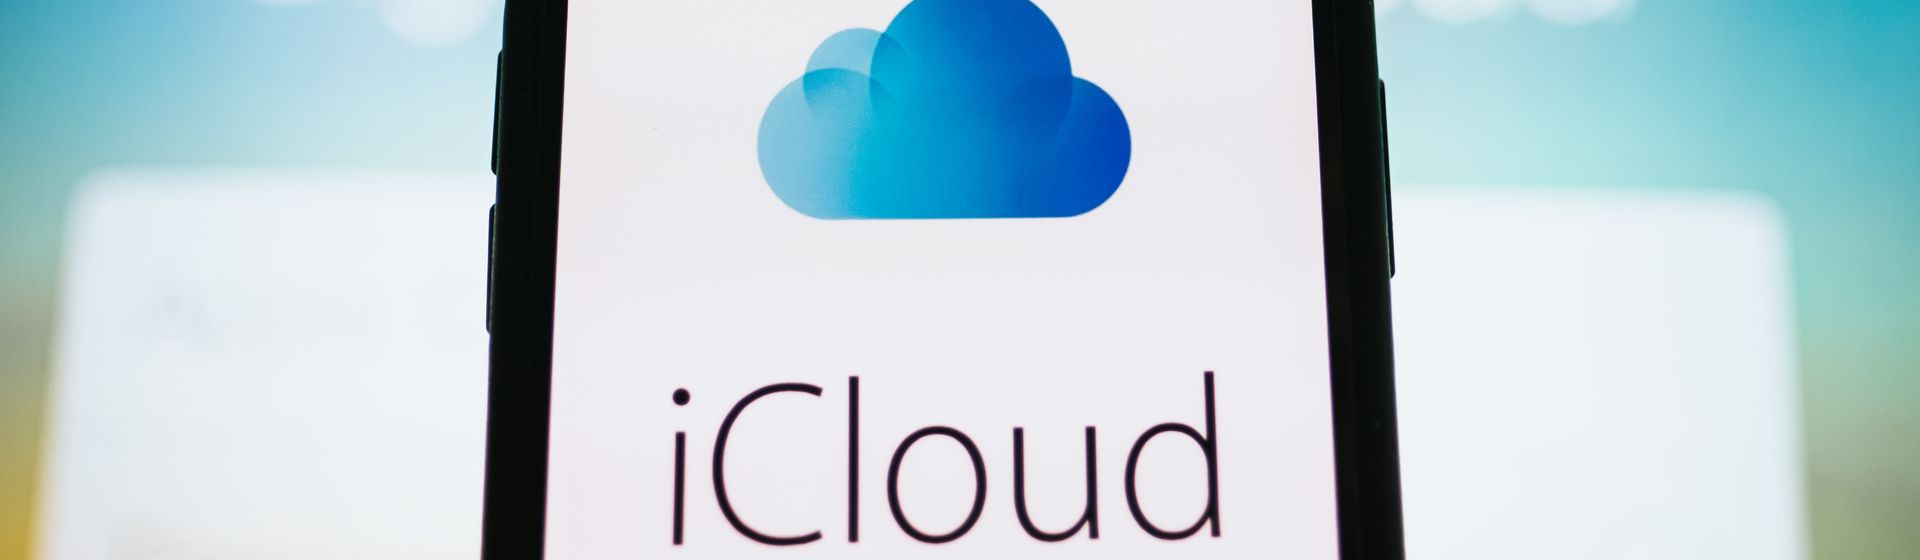 iCloud: o que é e tudo que você precisa saber